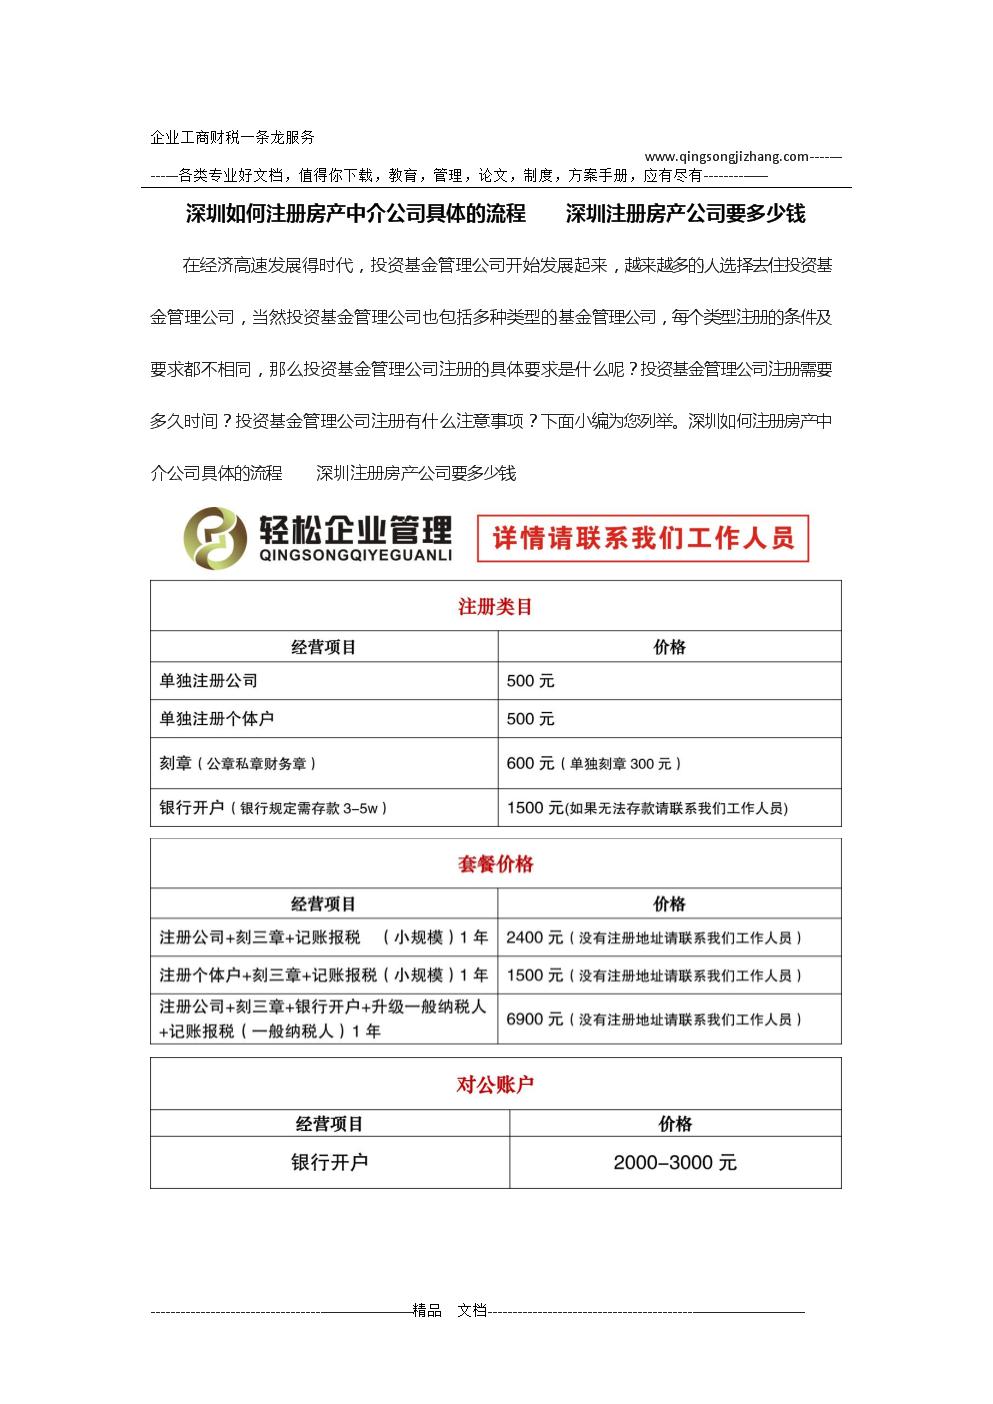 深圳如何注册房产中介公司具体的流程    深圳注册房产公司要多少钱.docx